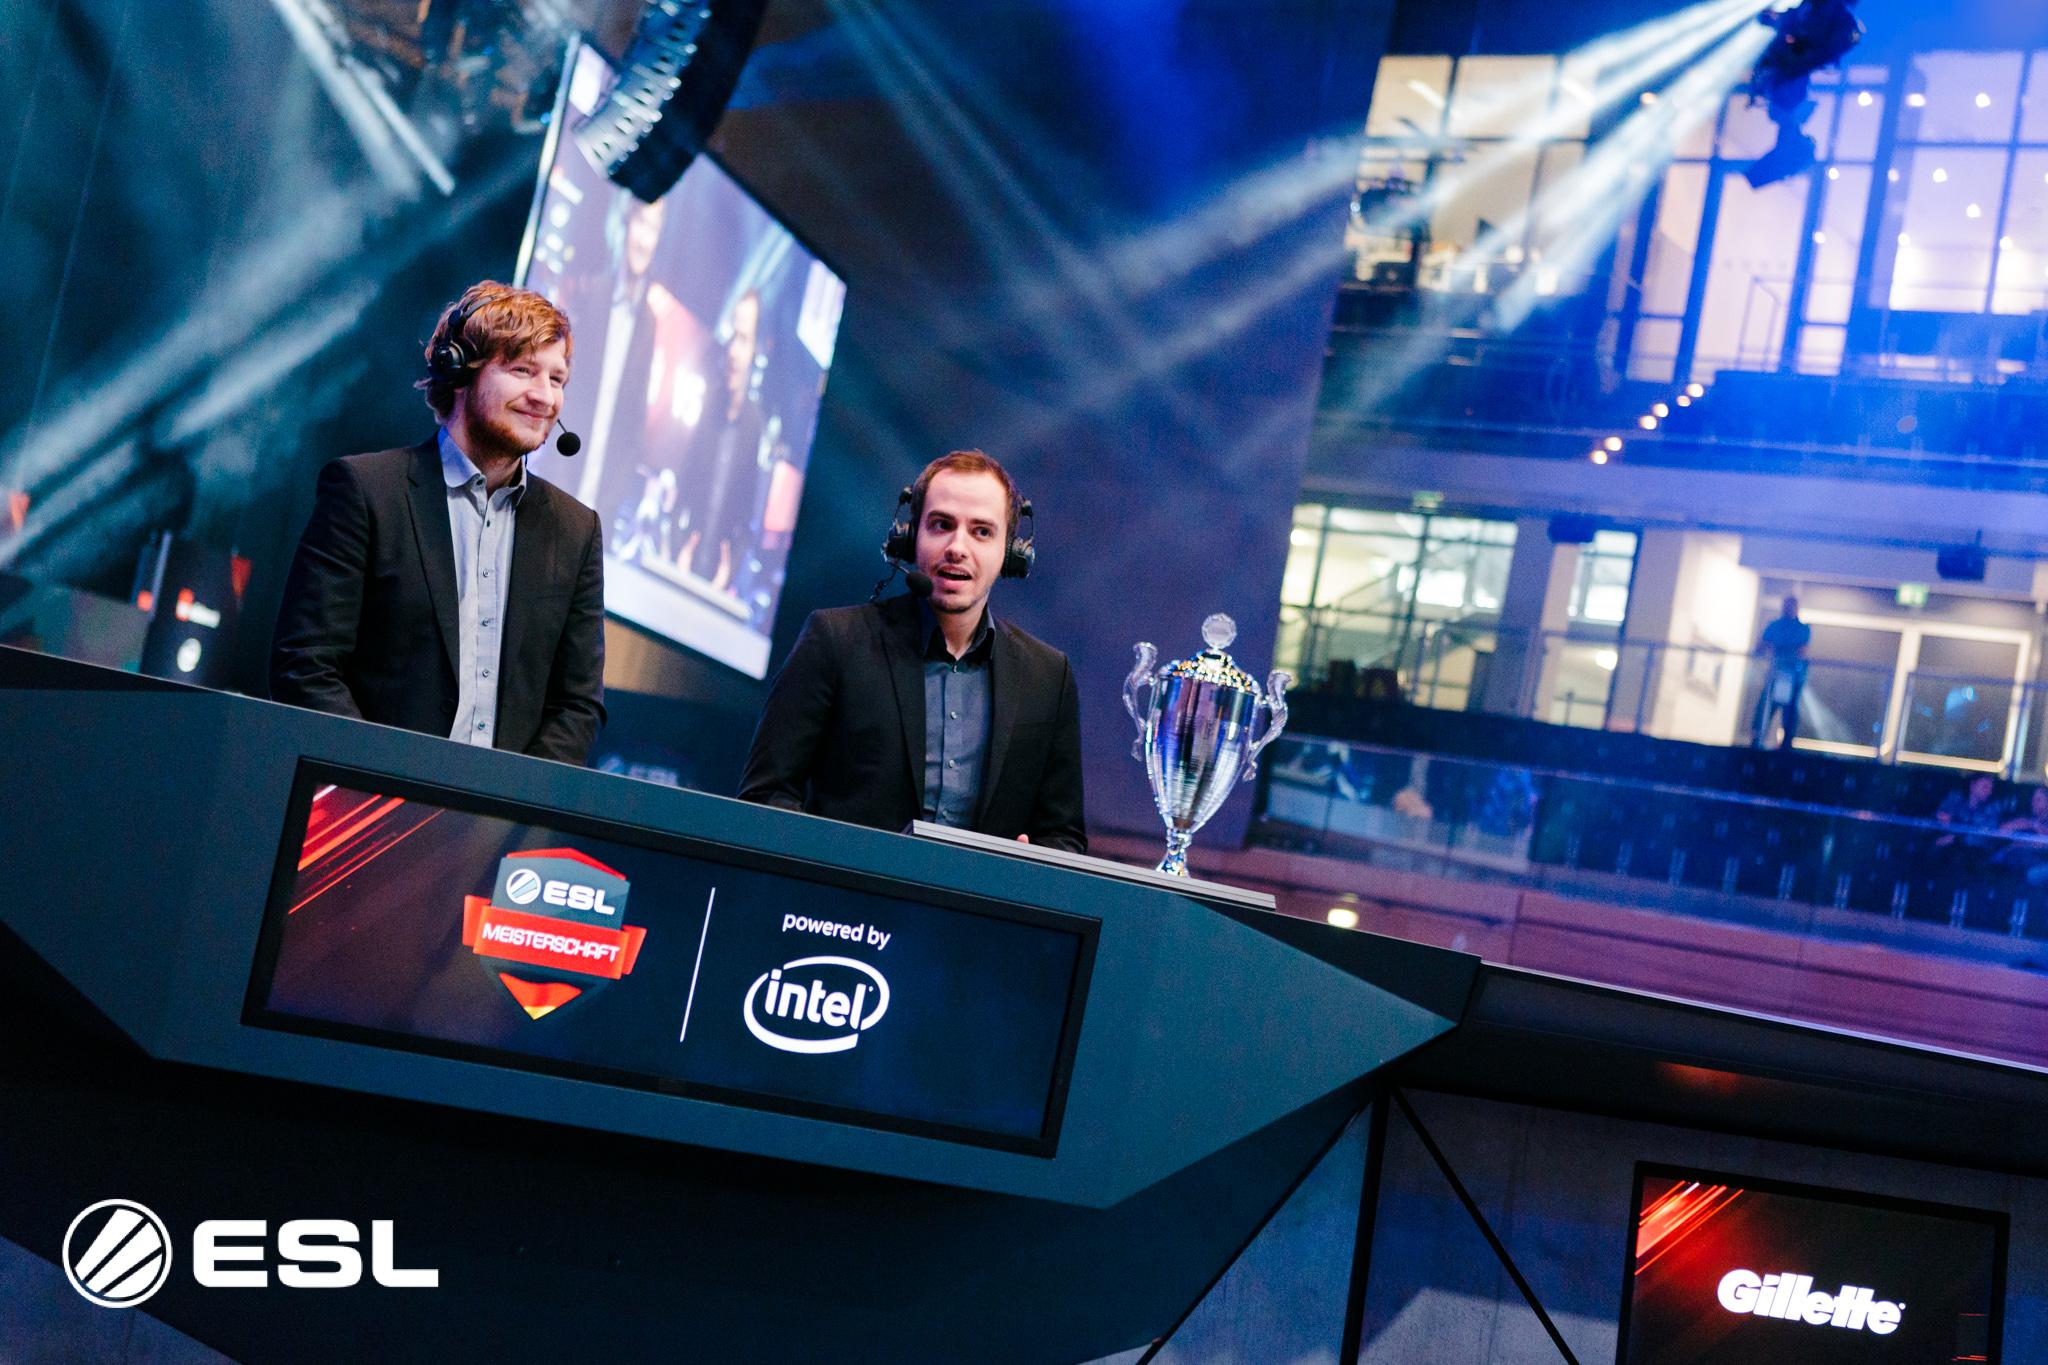 Nach dem 9. Spieltag: ad hoc gaming behauptet die Spitze, mousesports vor BIG auf Platz 3